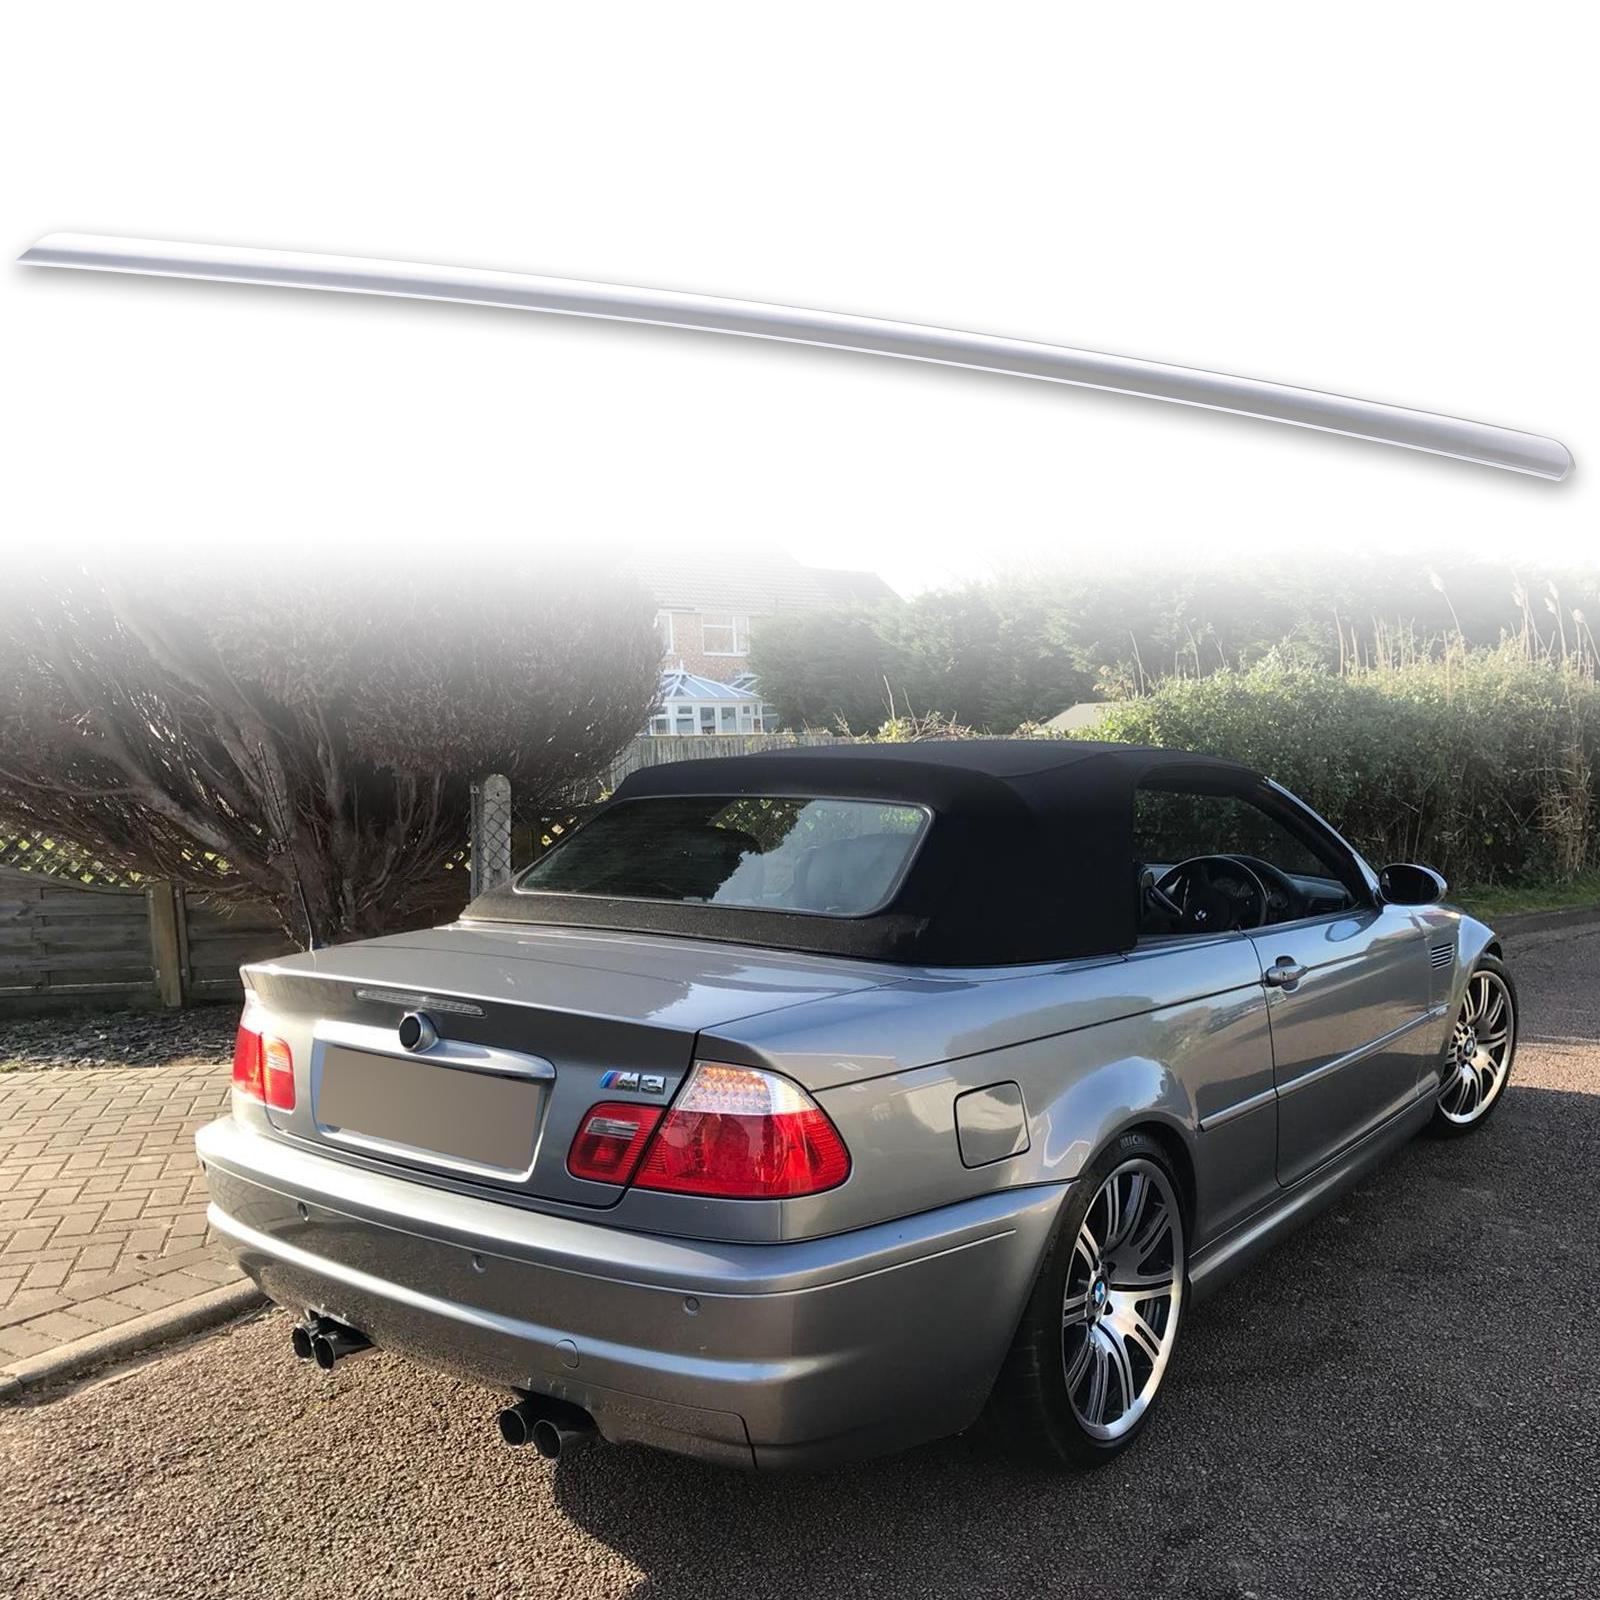 Fit For BMW E46 3er 4DR Sedan Trunk Lip Spoiler 354 Silver paint 00 01 02 03 05